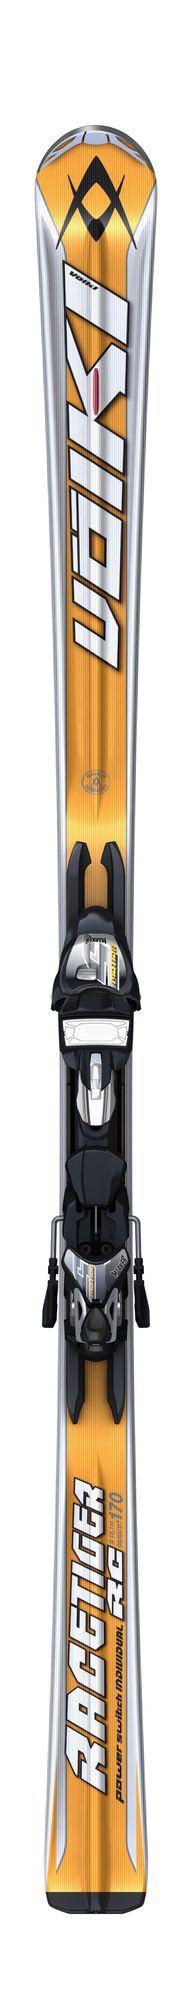 ispo European Ski Award - Gewinner Special Prize - Völkl Racetiger RC PSi - ispo 10